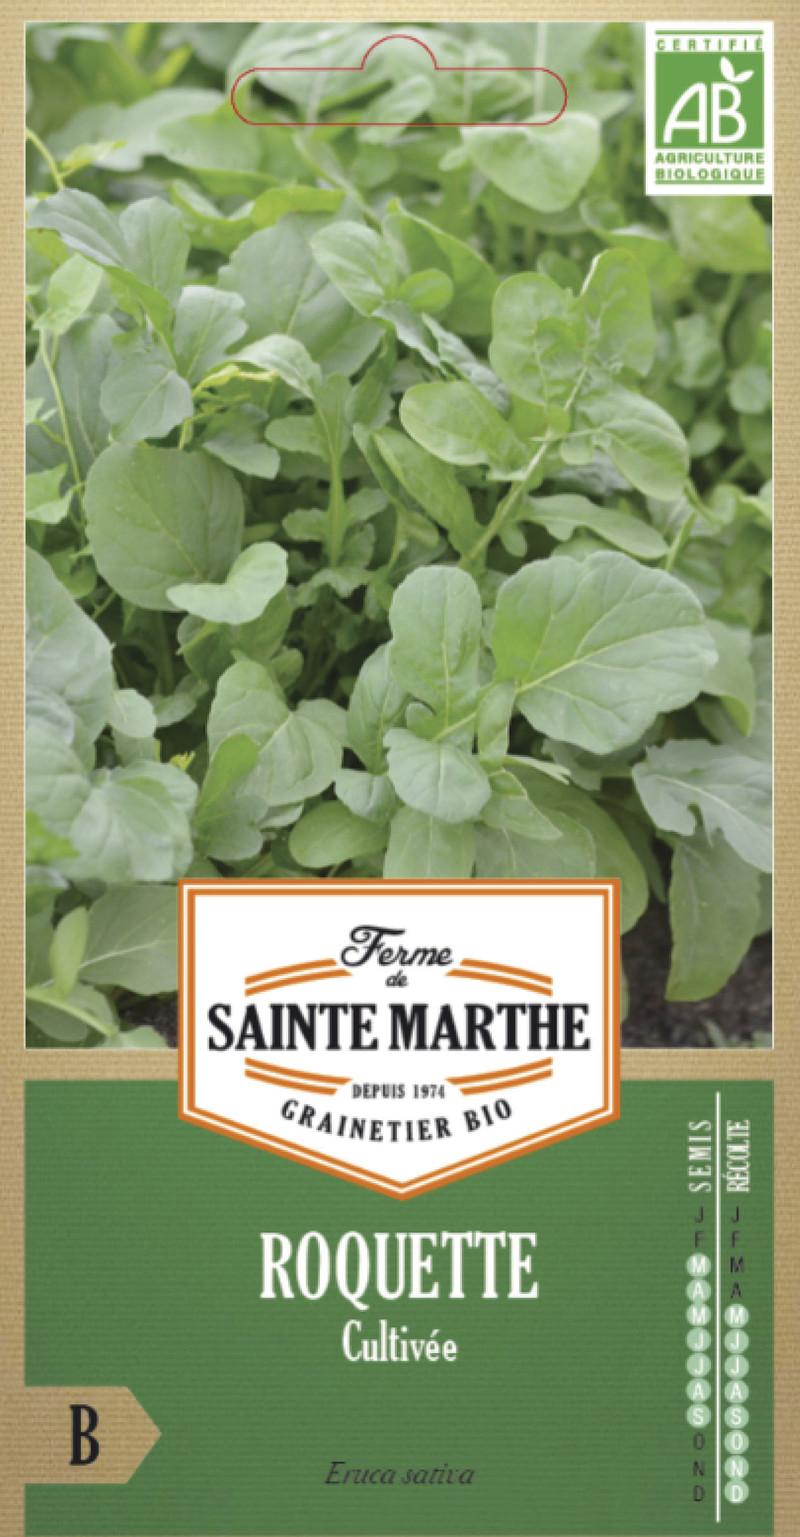 roquette cultivee bio la ferme de sainte marthe graine semence potager sachet semis - Voir en grand